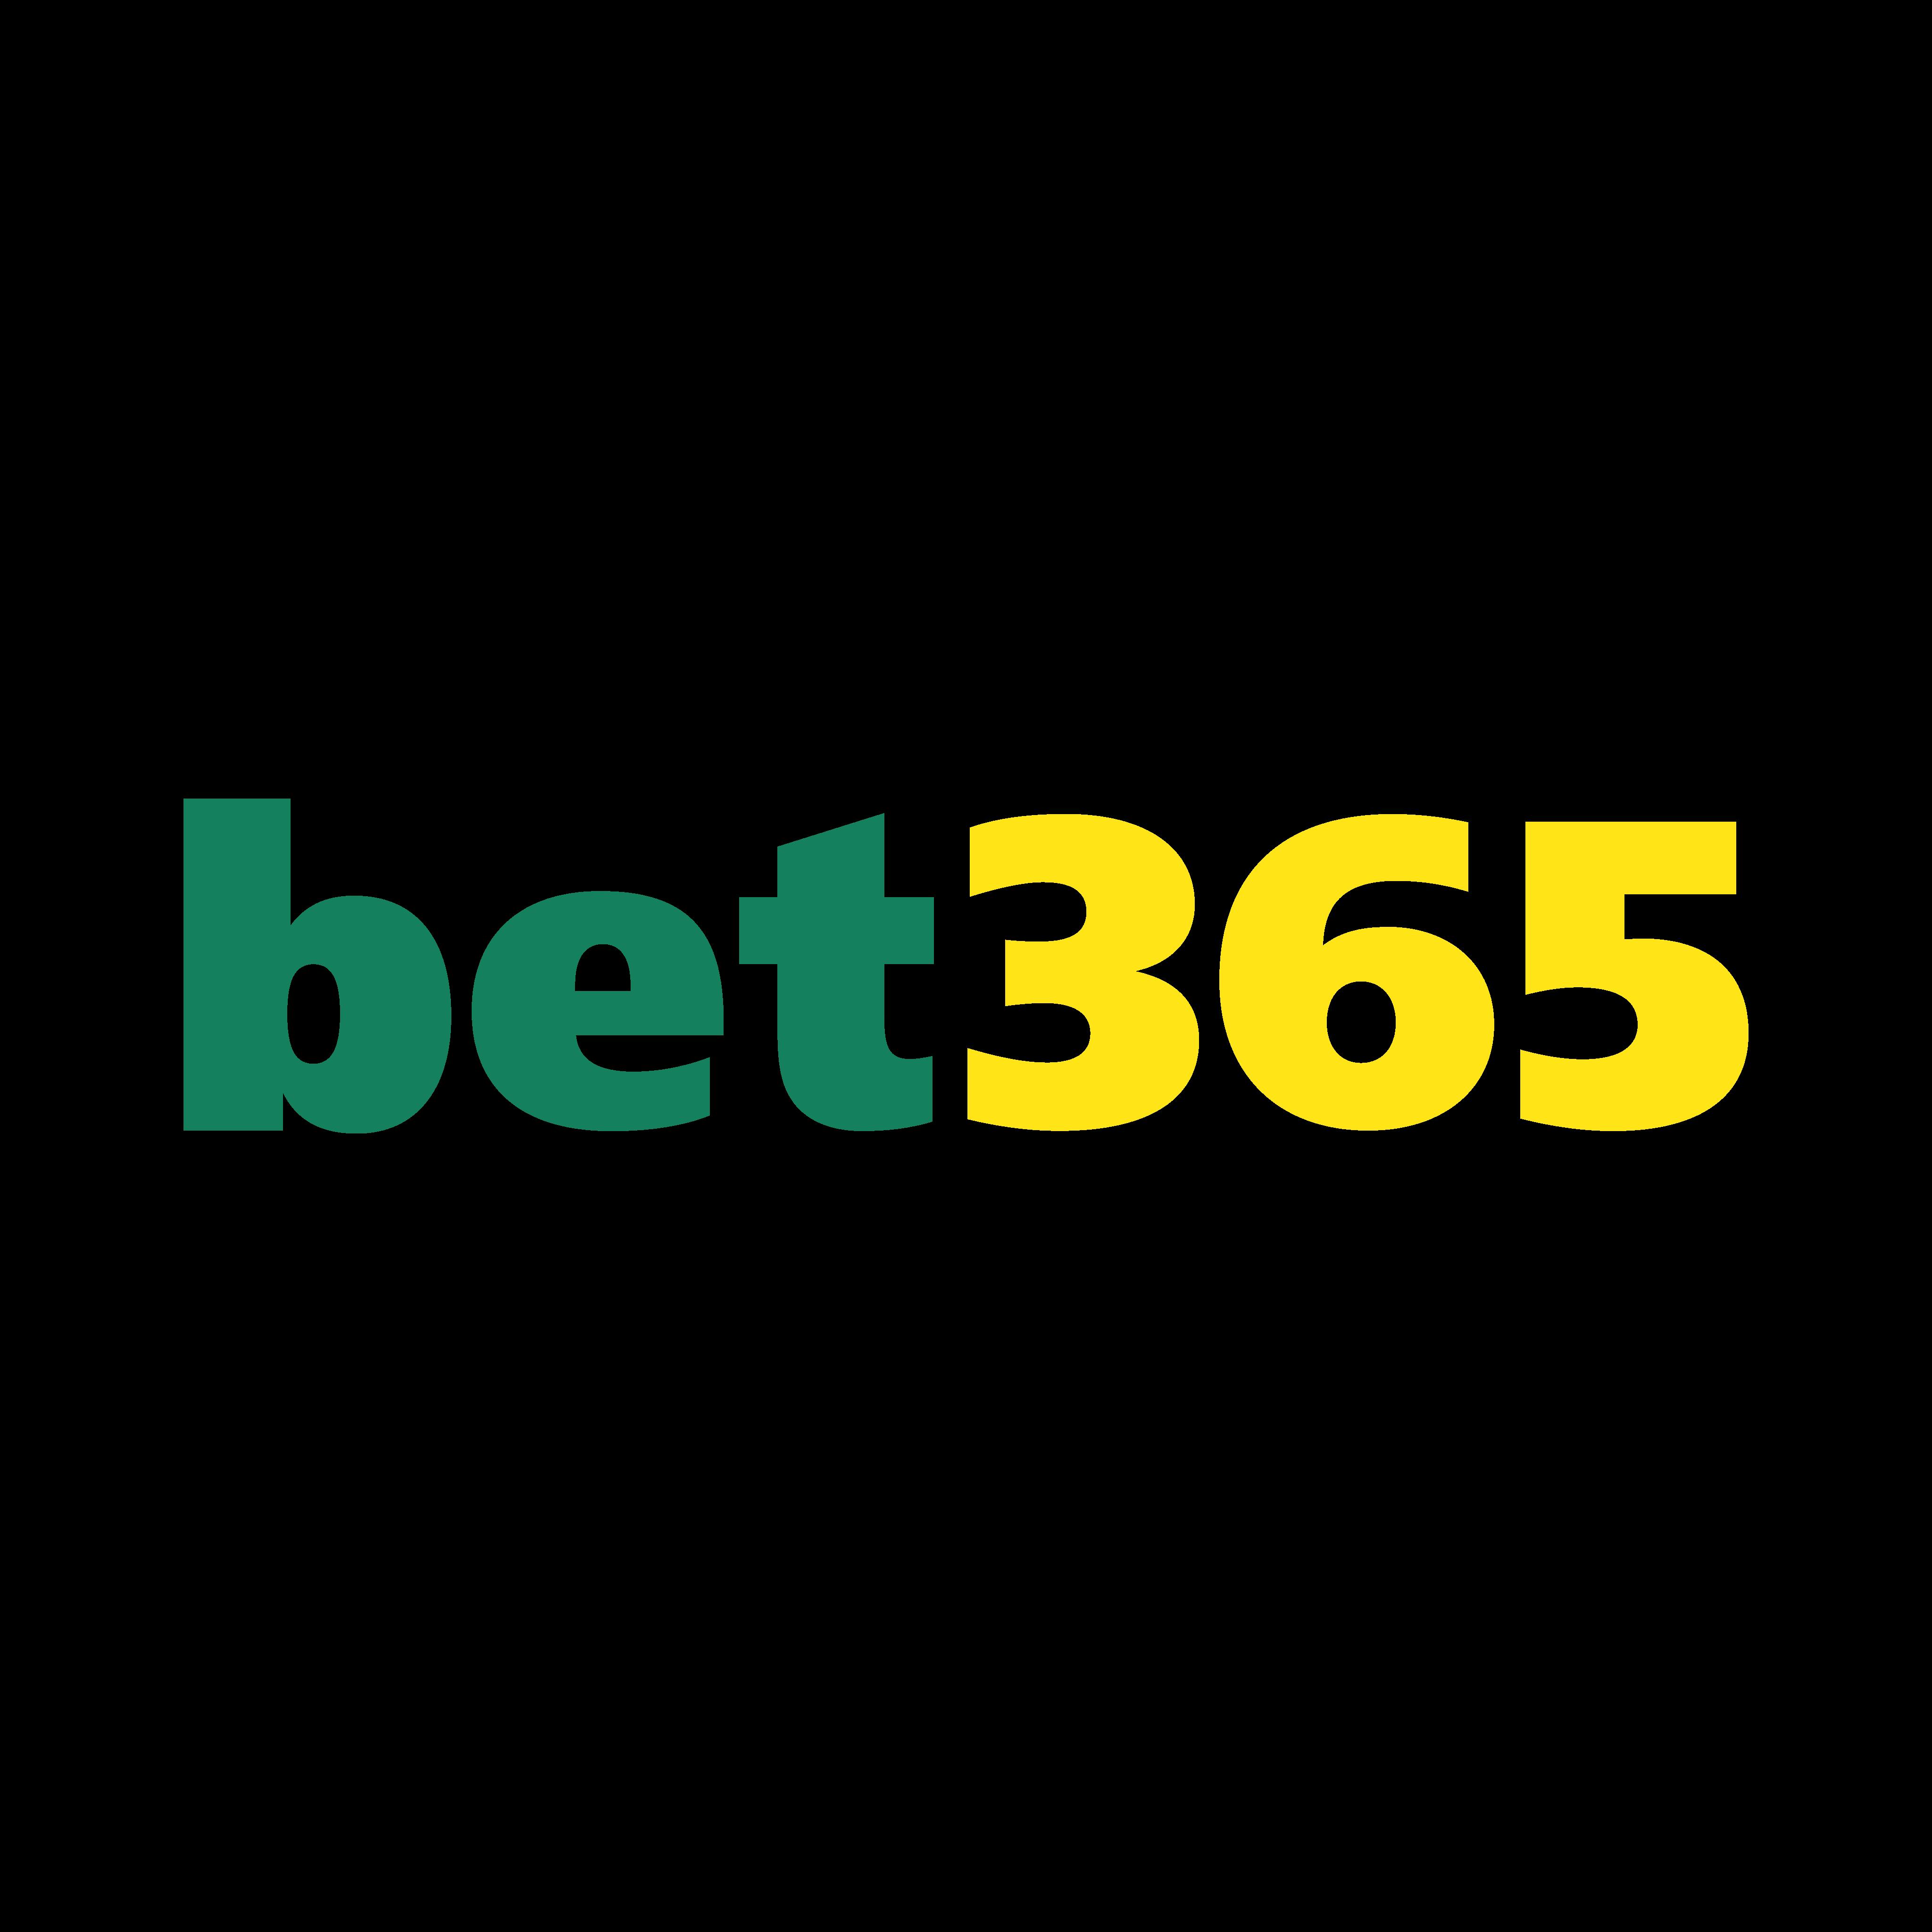 Bet365 Download